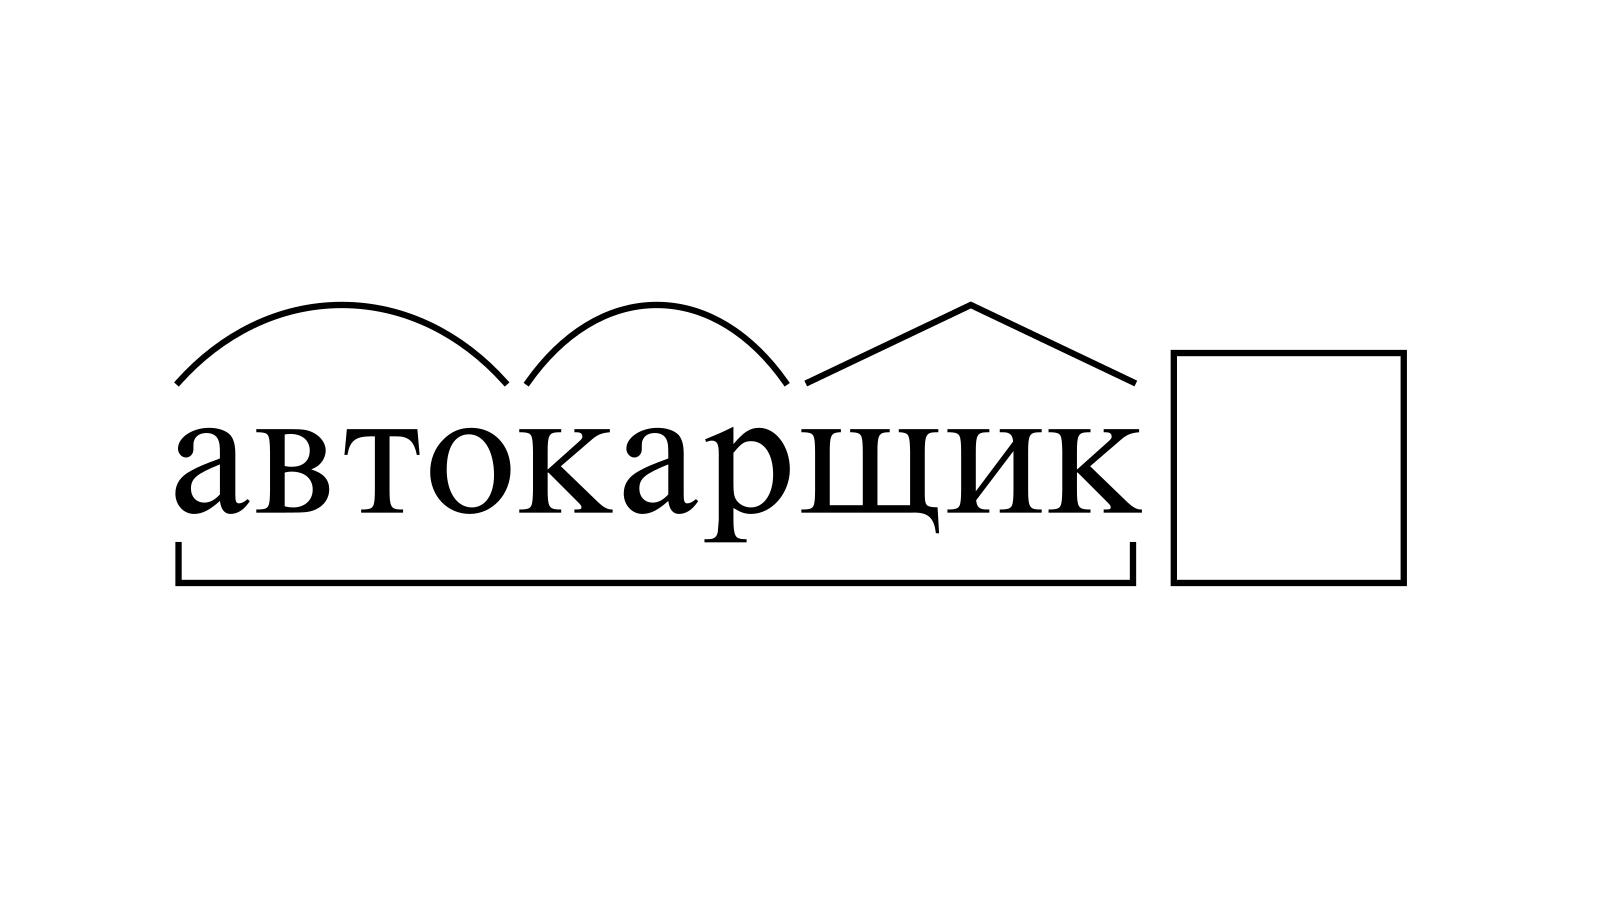 Разбор слова «автокарщик» по составу